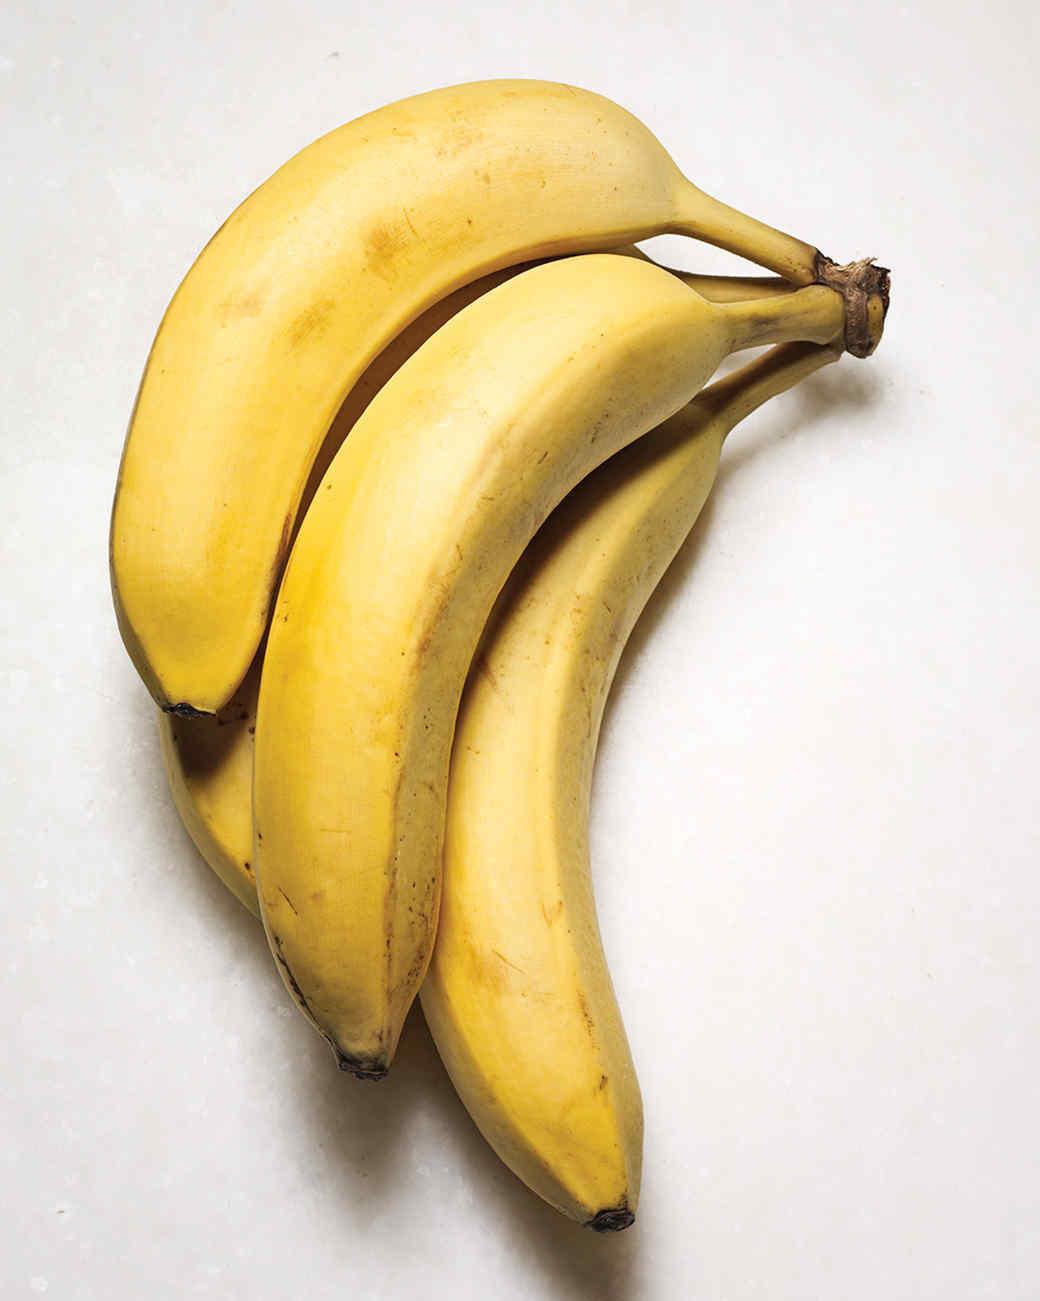 mld105475_0110_bananas.jpg